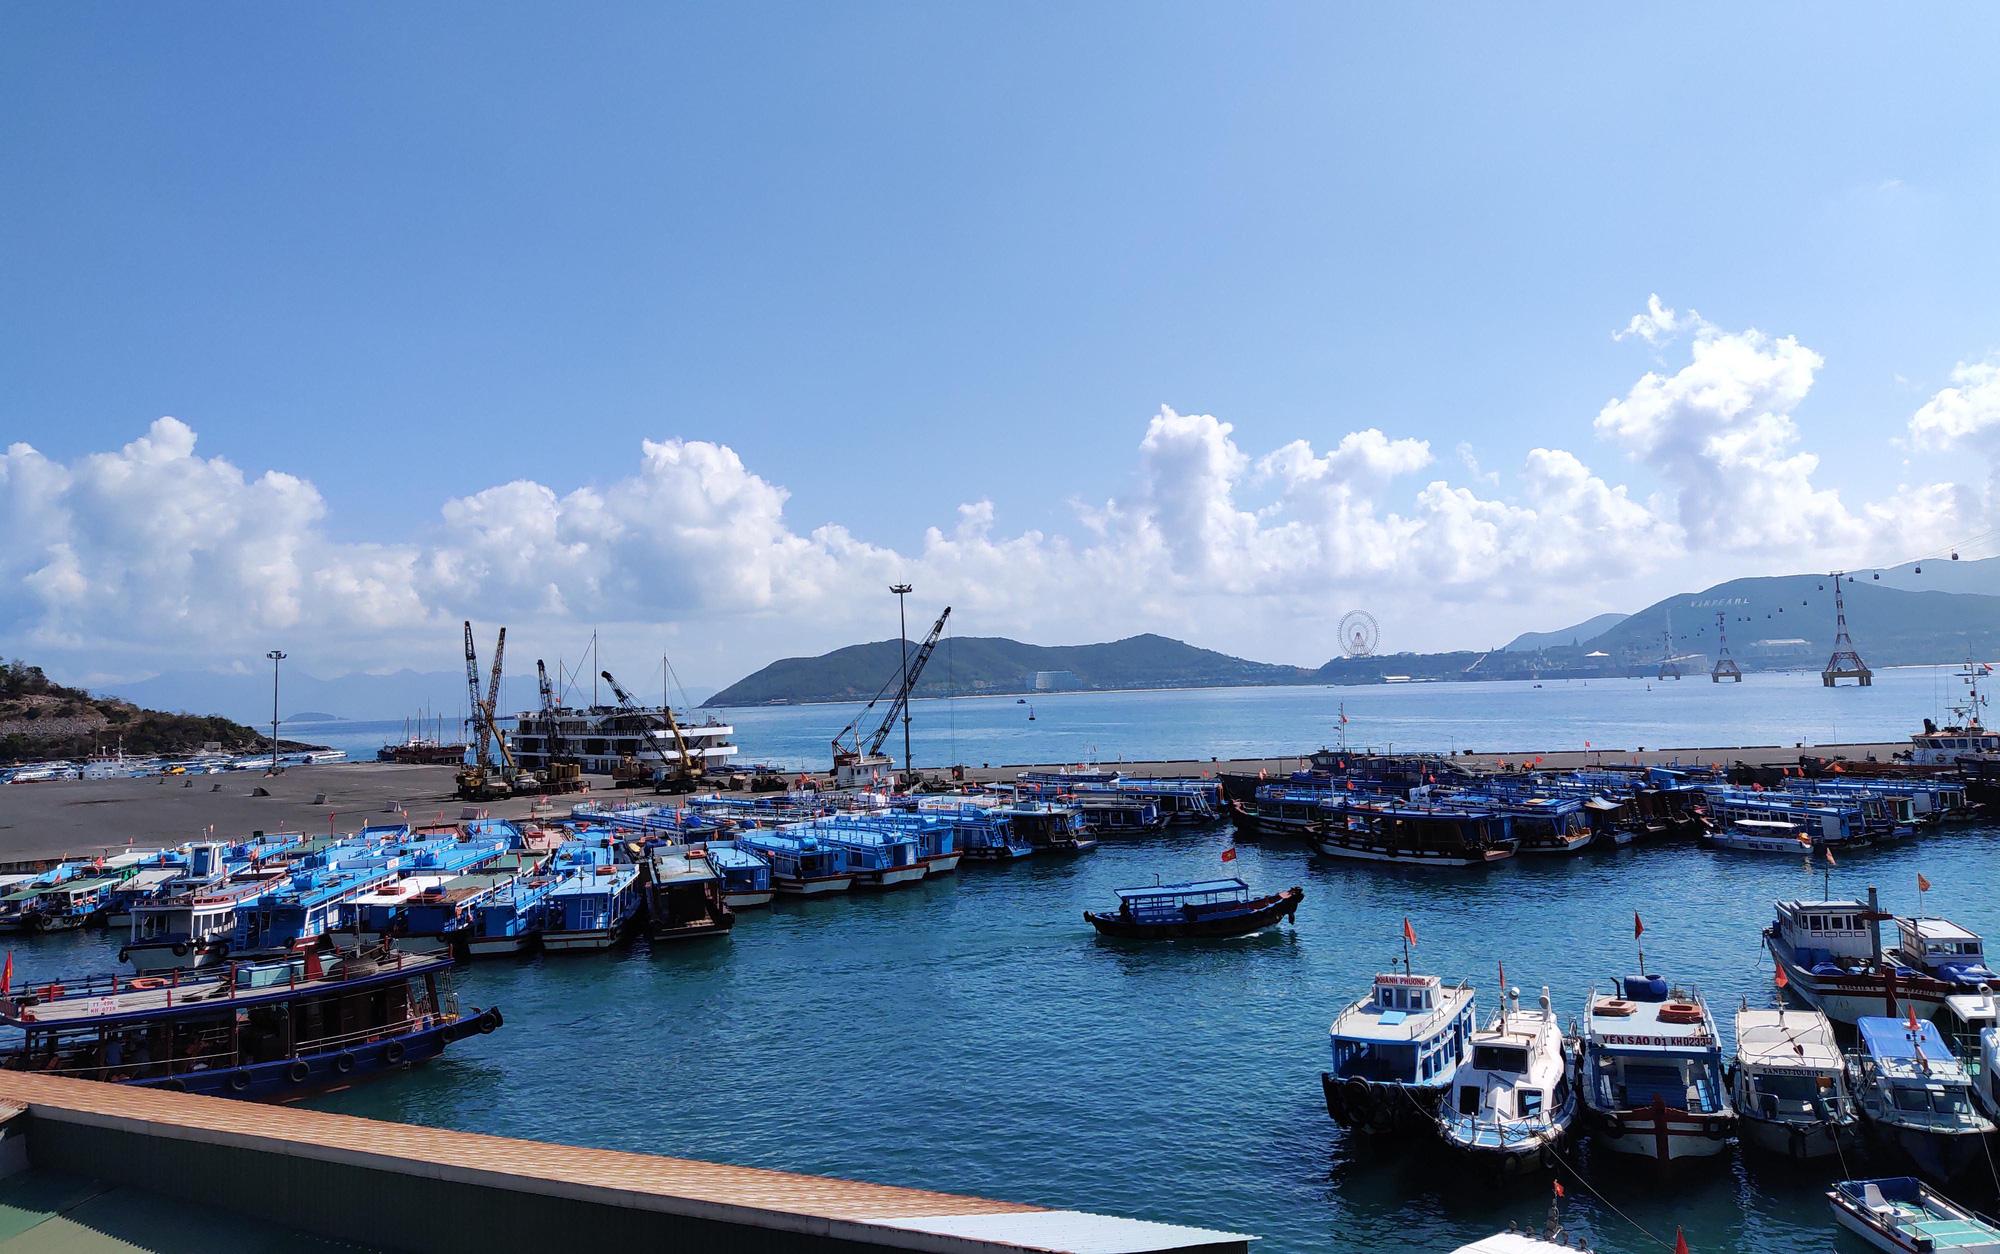 Doanh thu du lịch Khánh Hòa giảm hơn 50% - mức giảm chưa có tiền lệ từ trước đến nay - Ảnh 1.